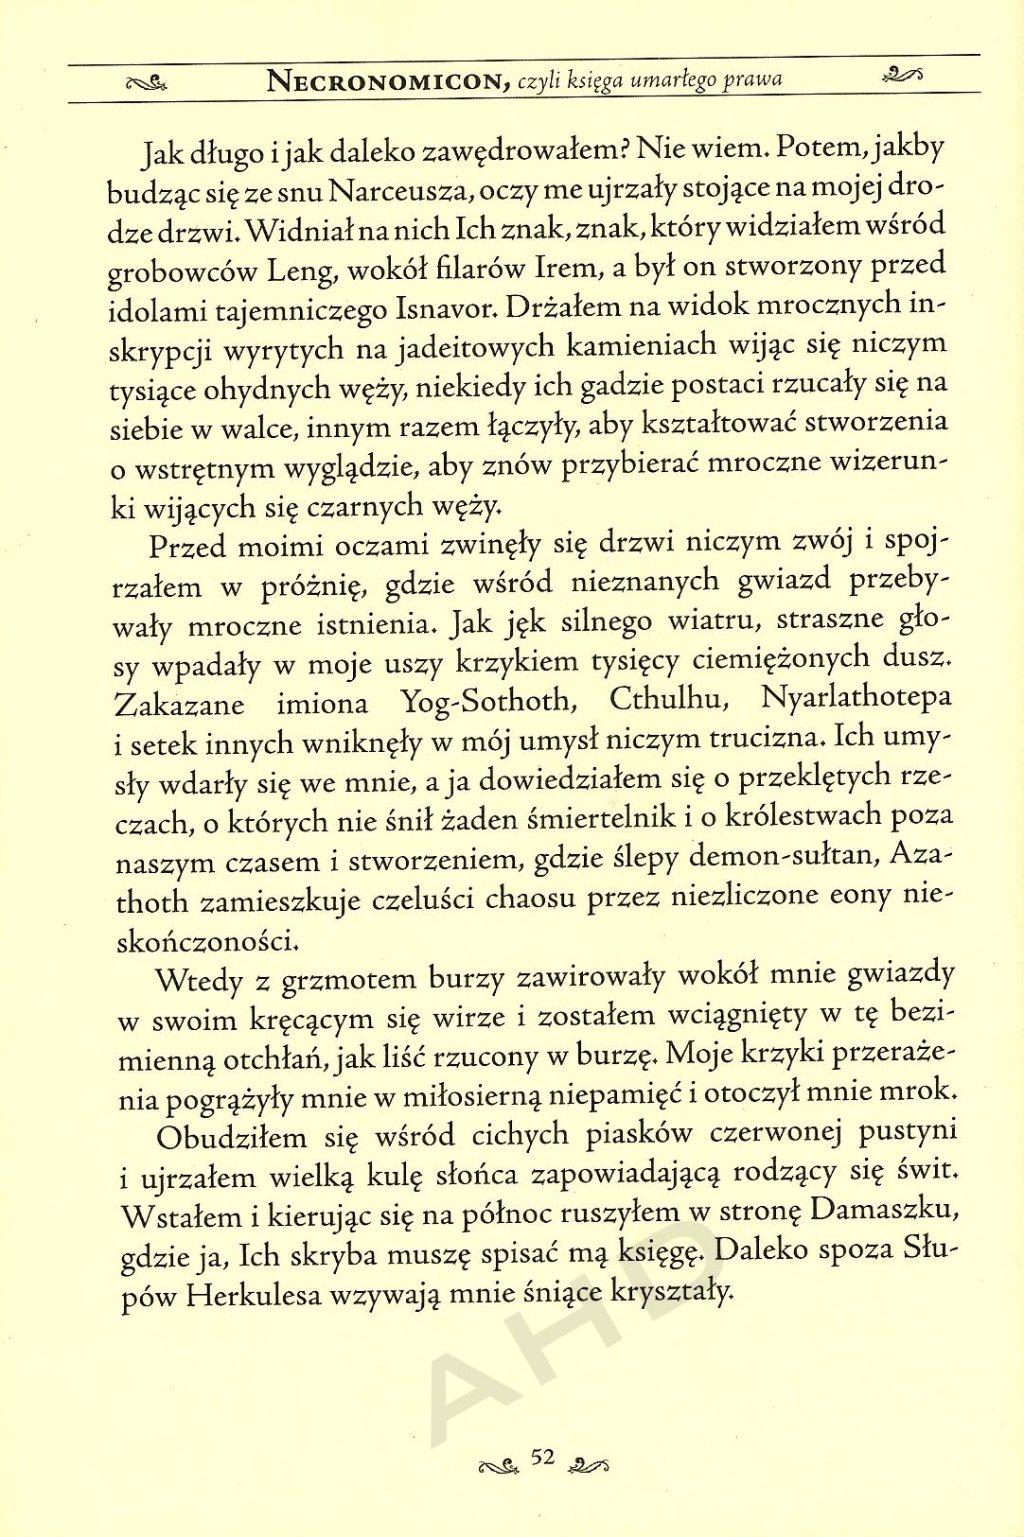 necronomikon 1516 (6)